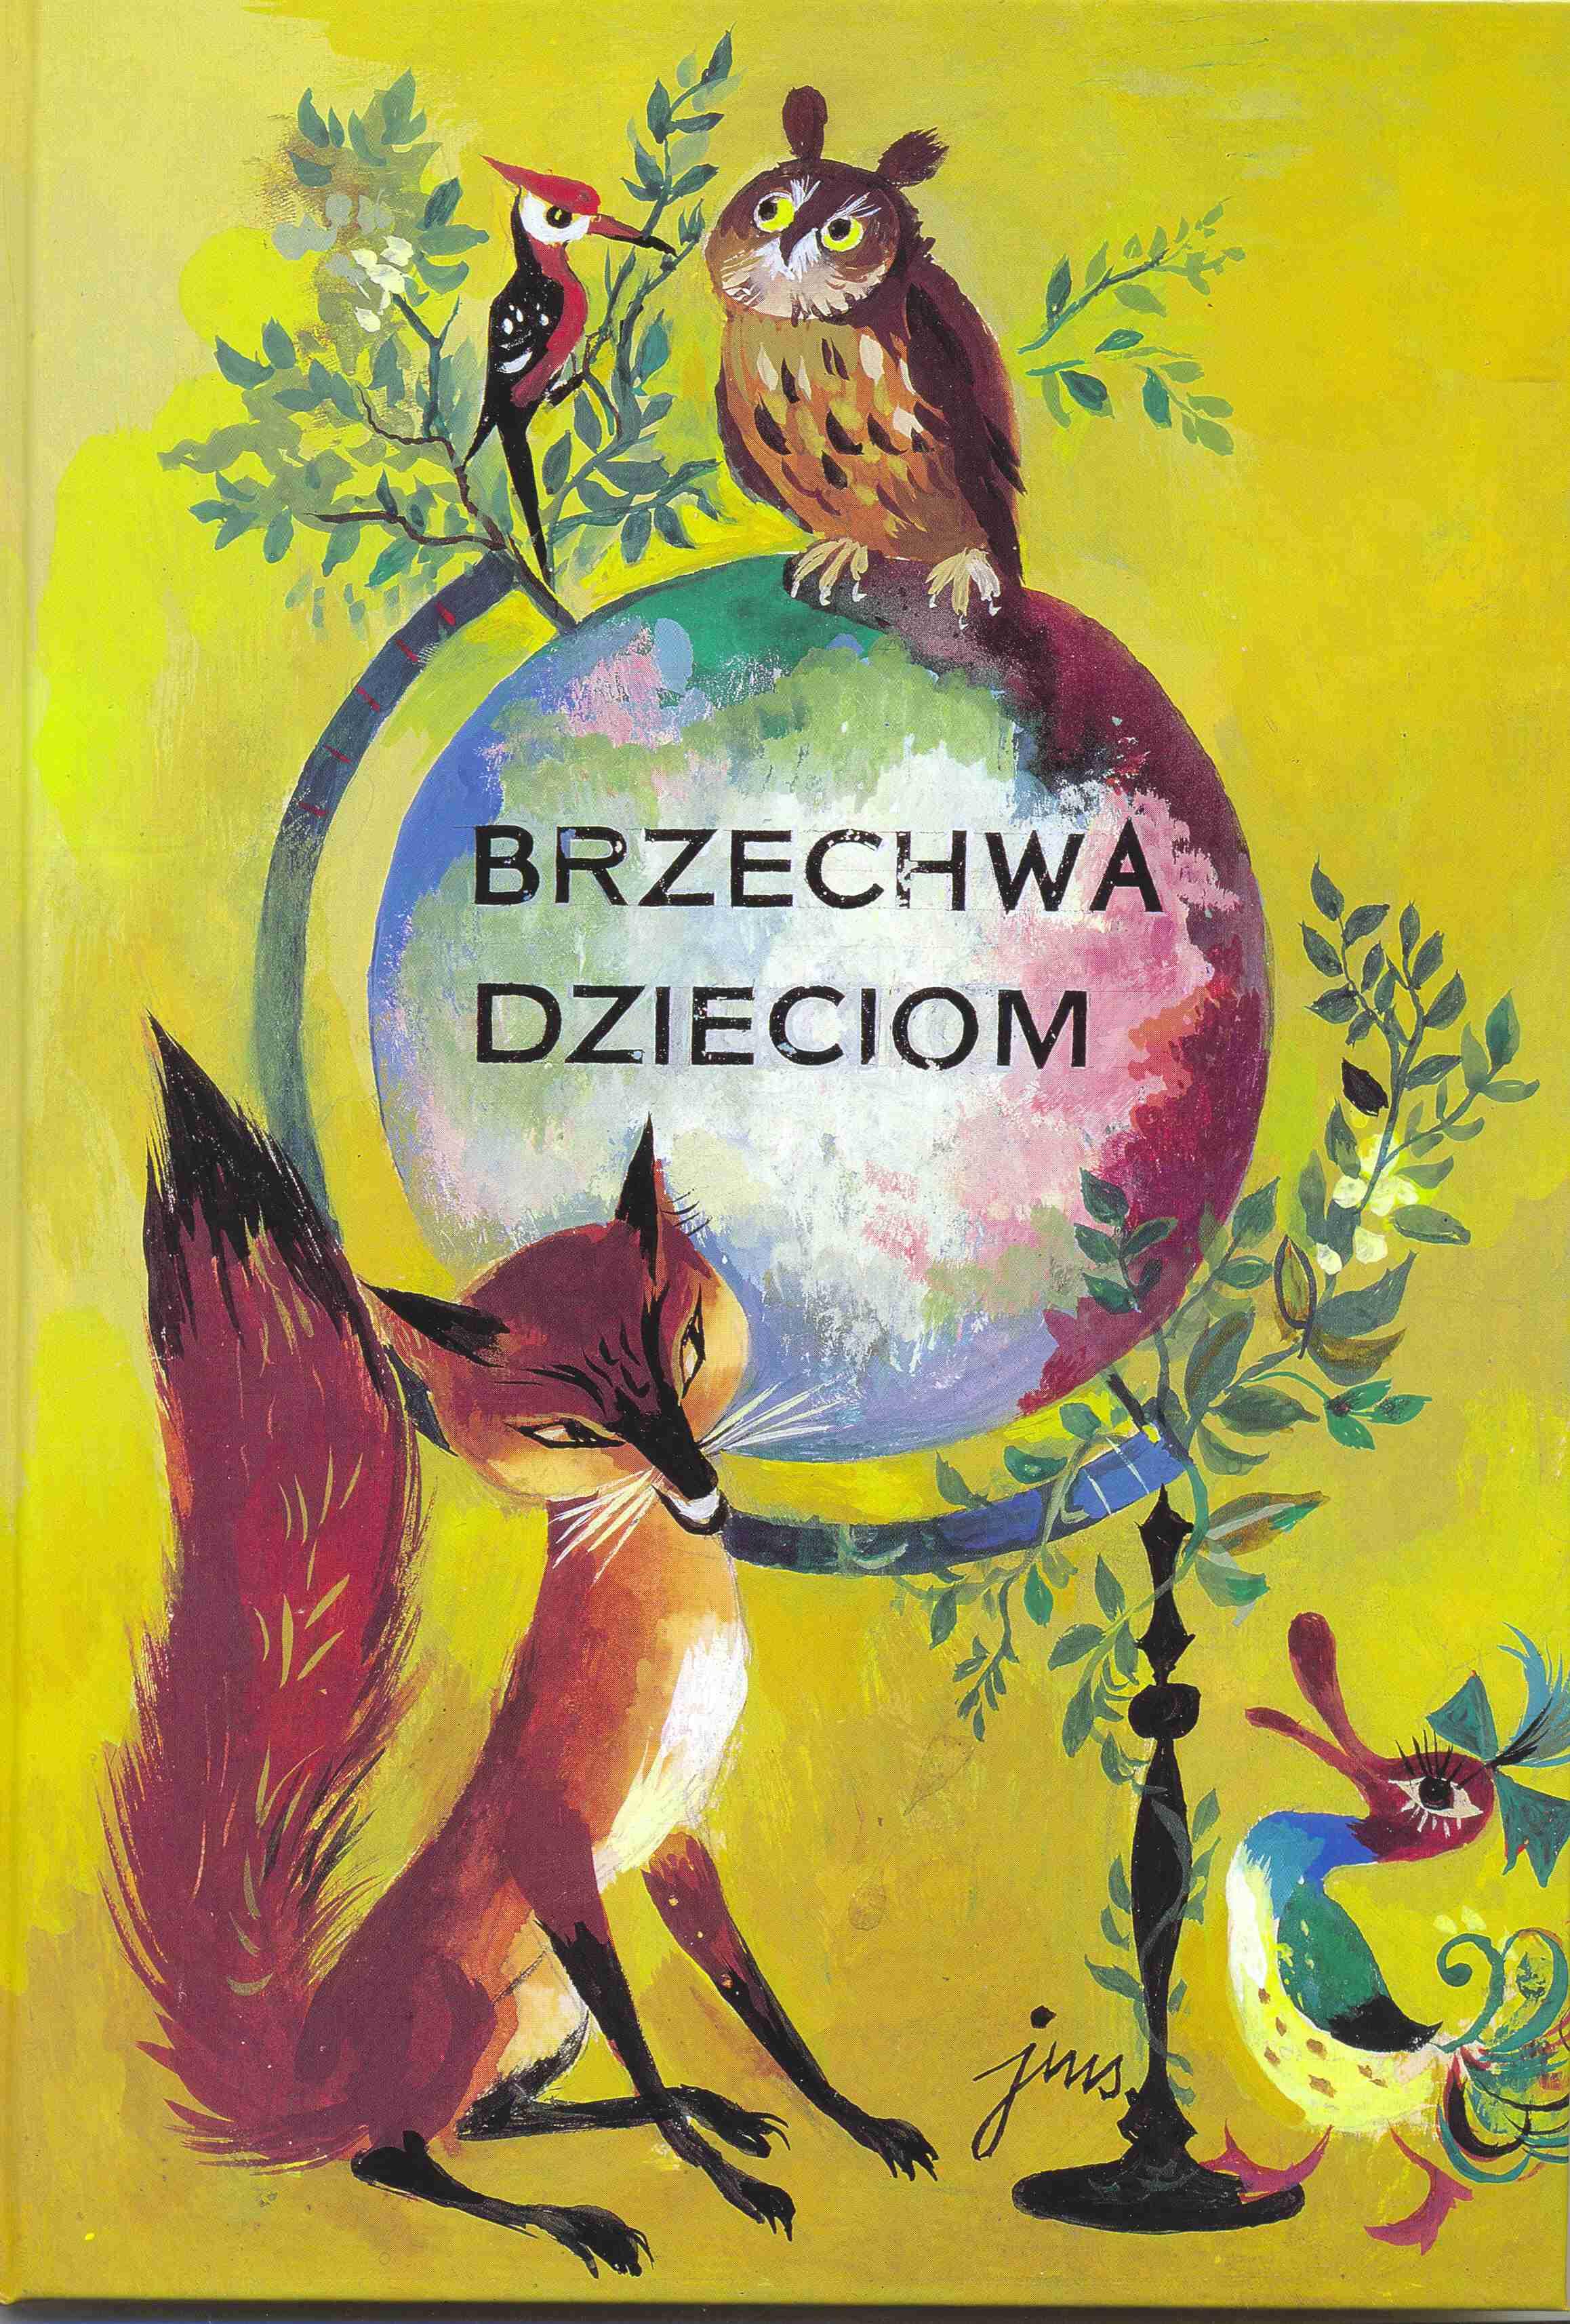 Brzechwa_dzieciom-1